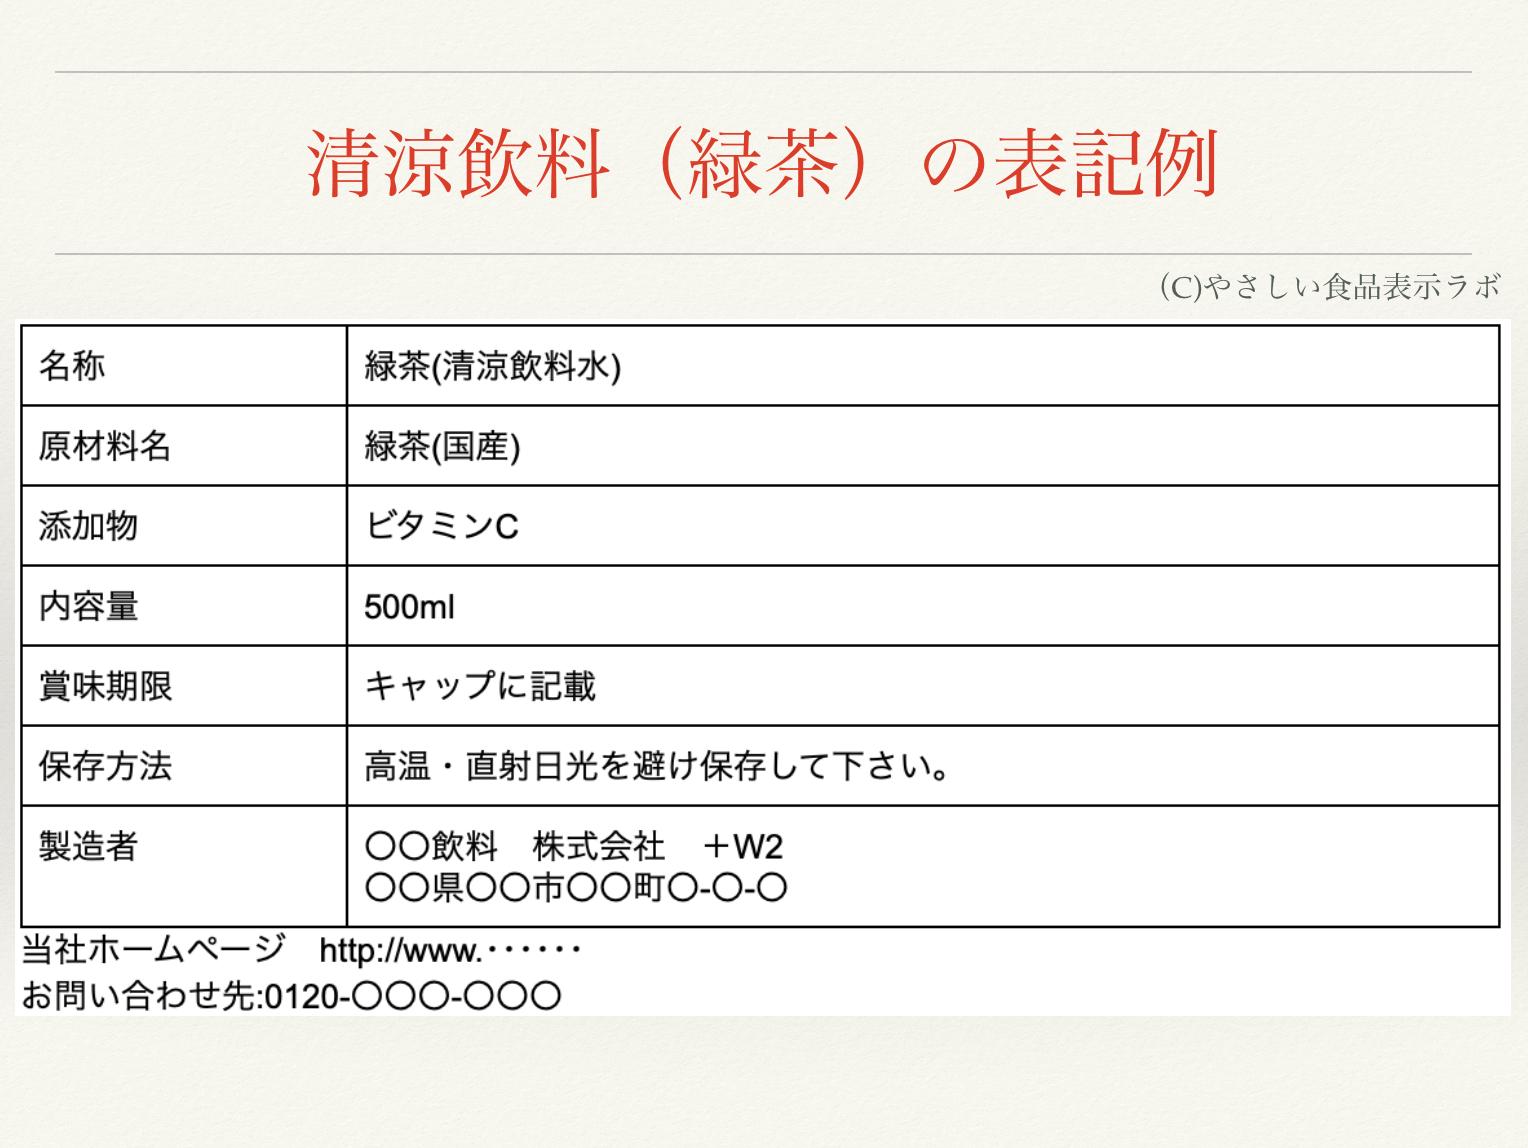 清涼飲料(緑茶)の食品表示例